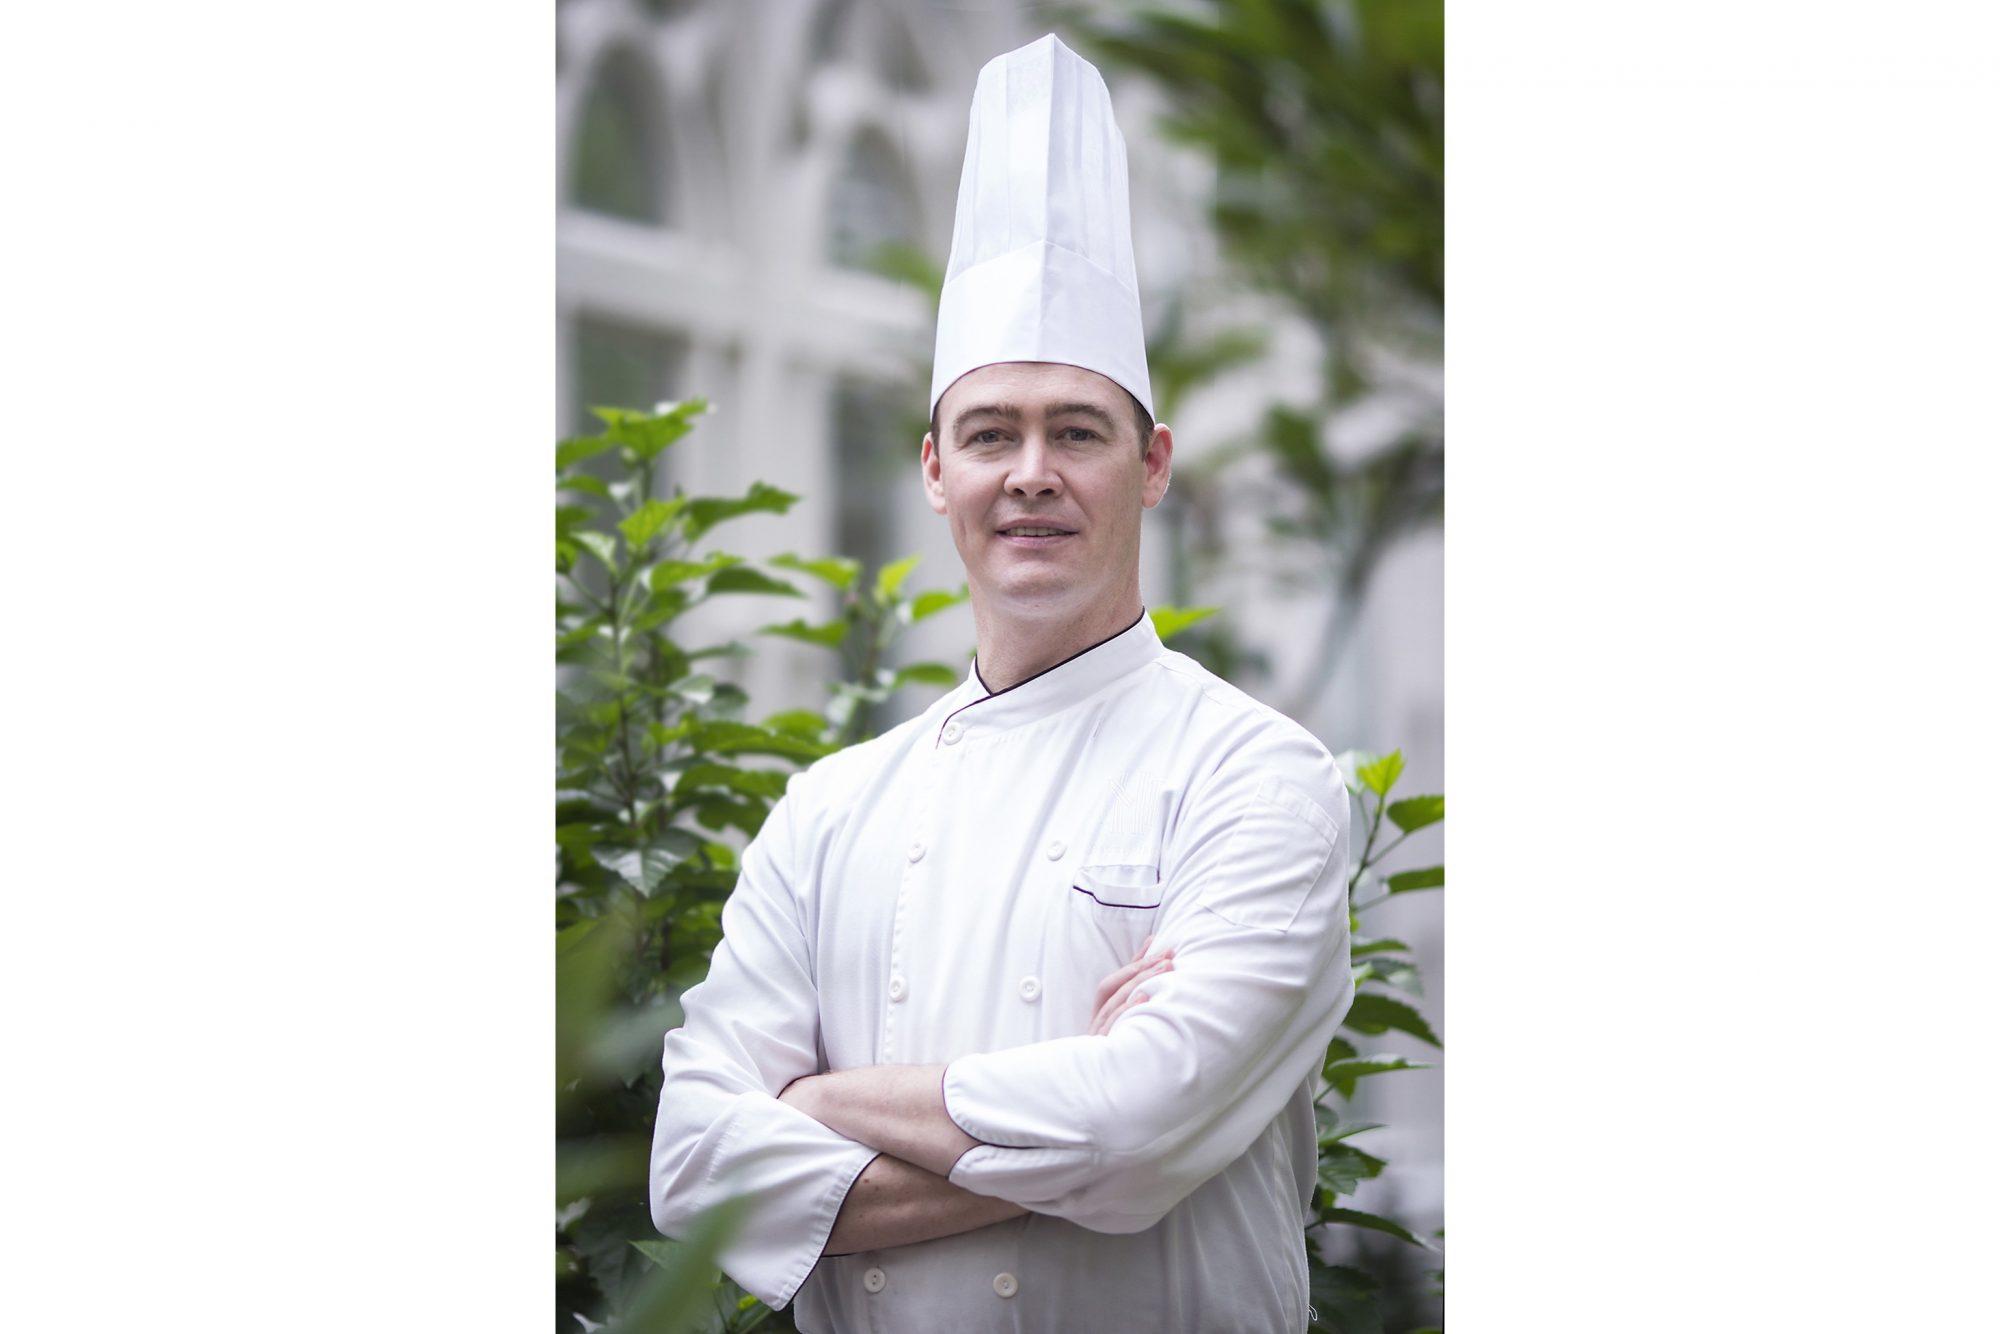 Chuyện giờ mới kể về phục vụ ăn cho ông Trump và ông Kim ở Hà Nội - 2